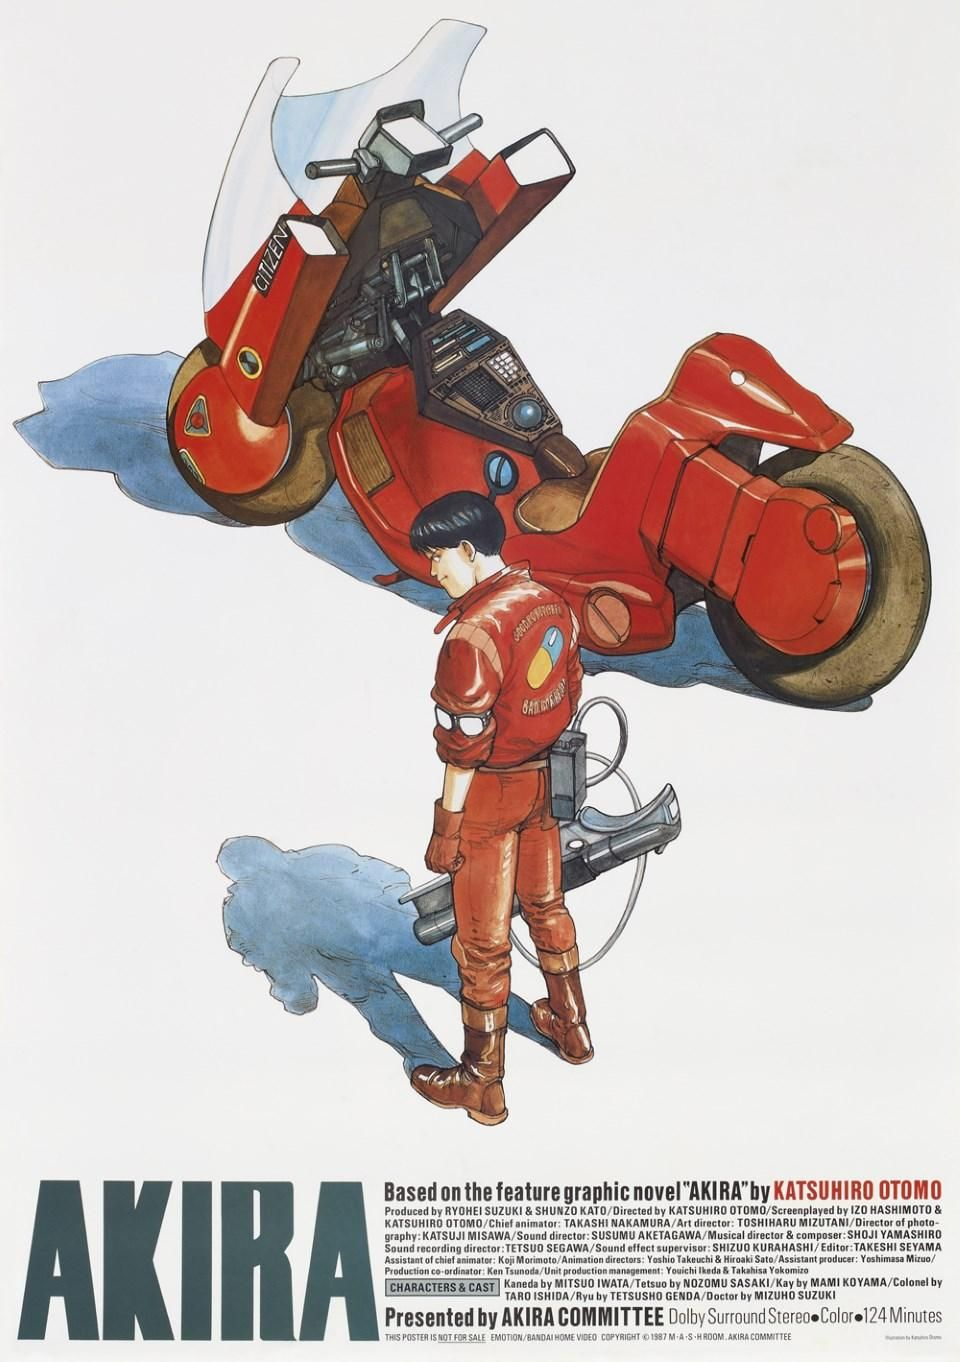 Akira Anime A2 Poster 1988, Katsuhiro Otomo comics manga